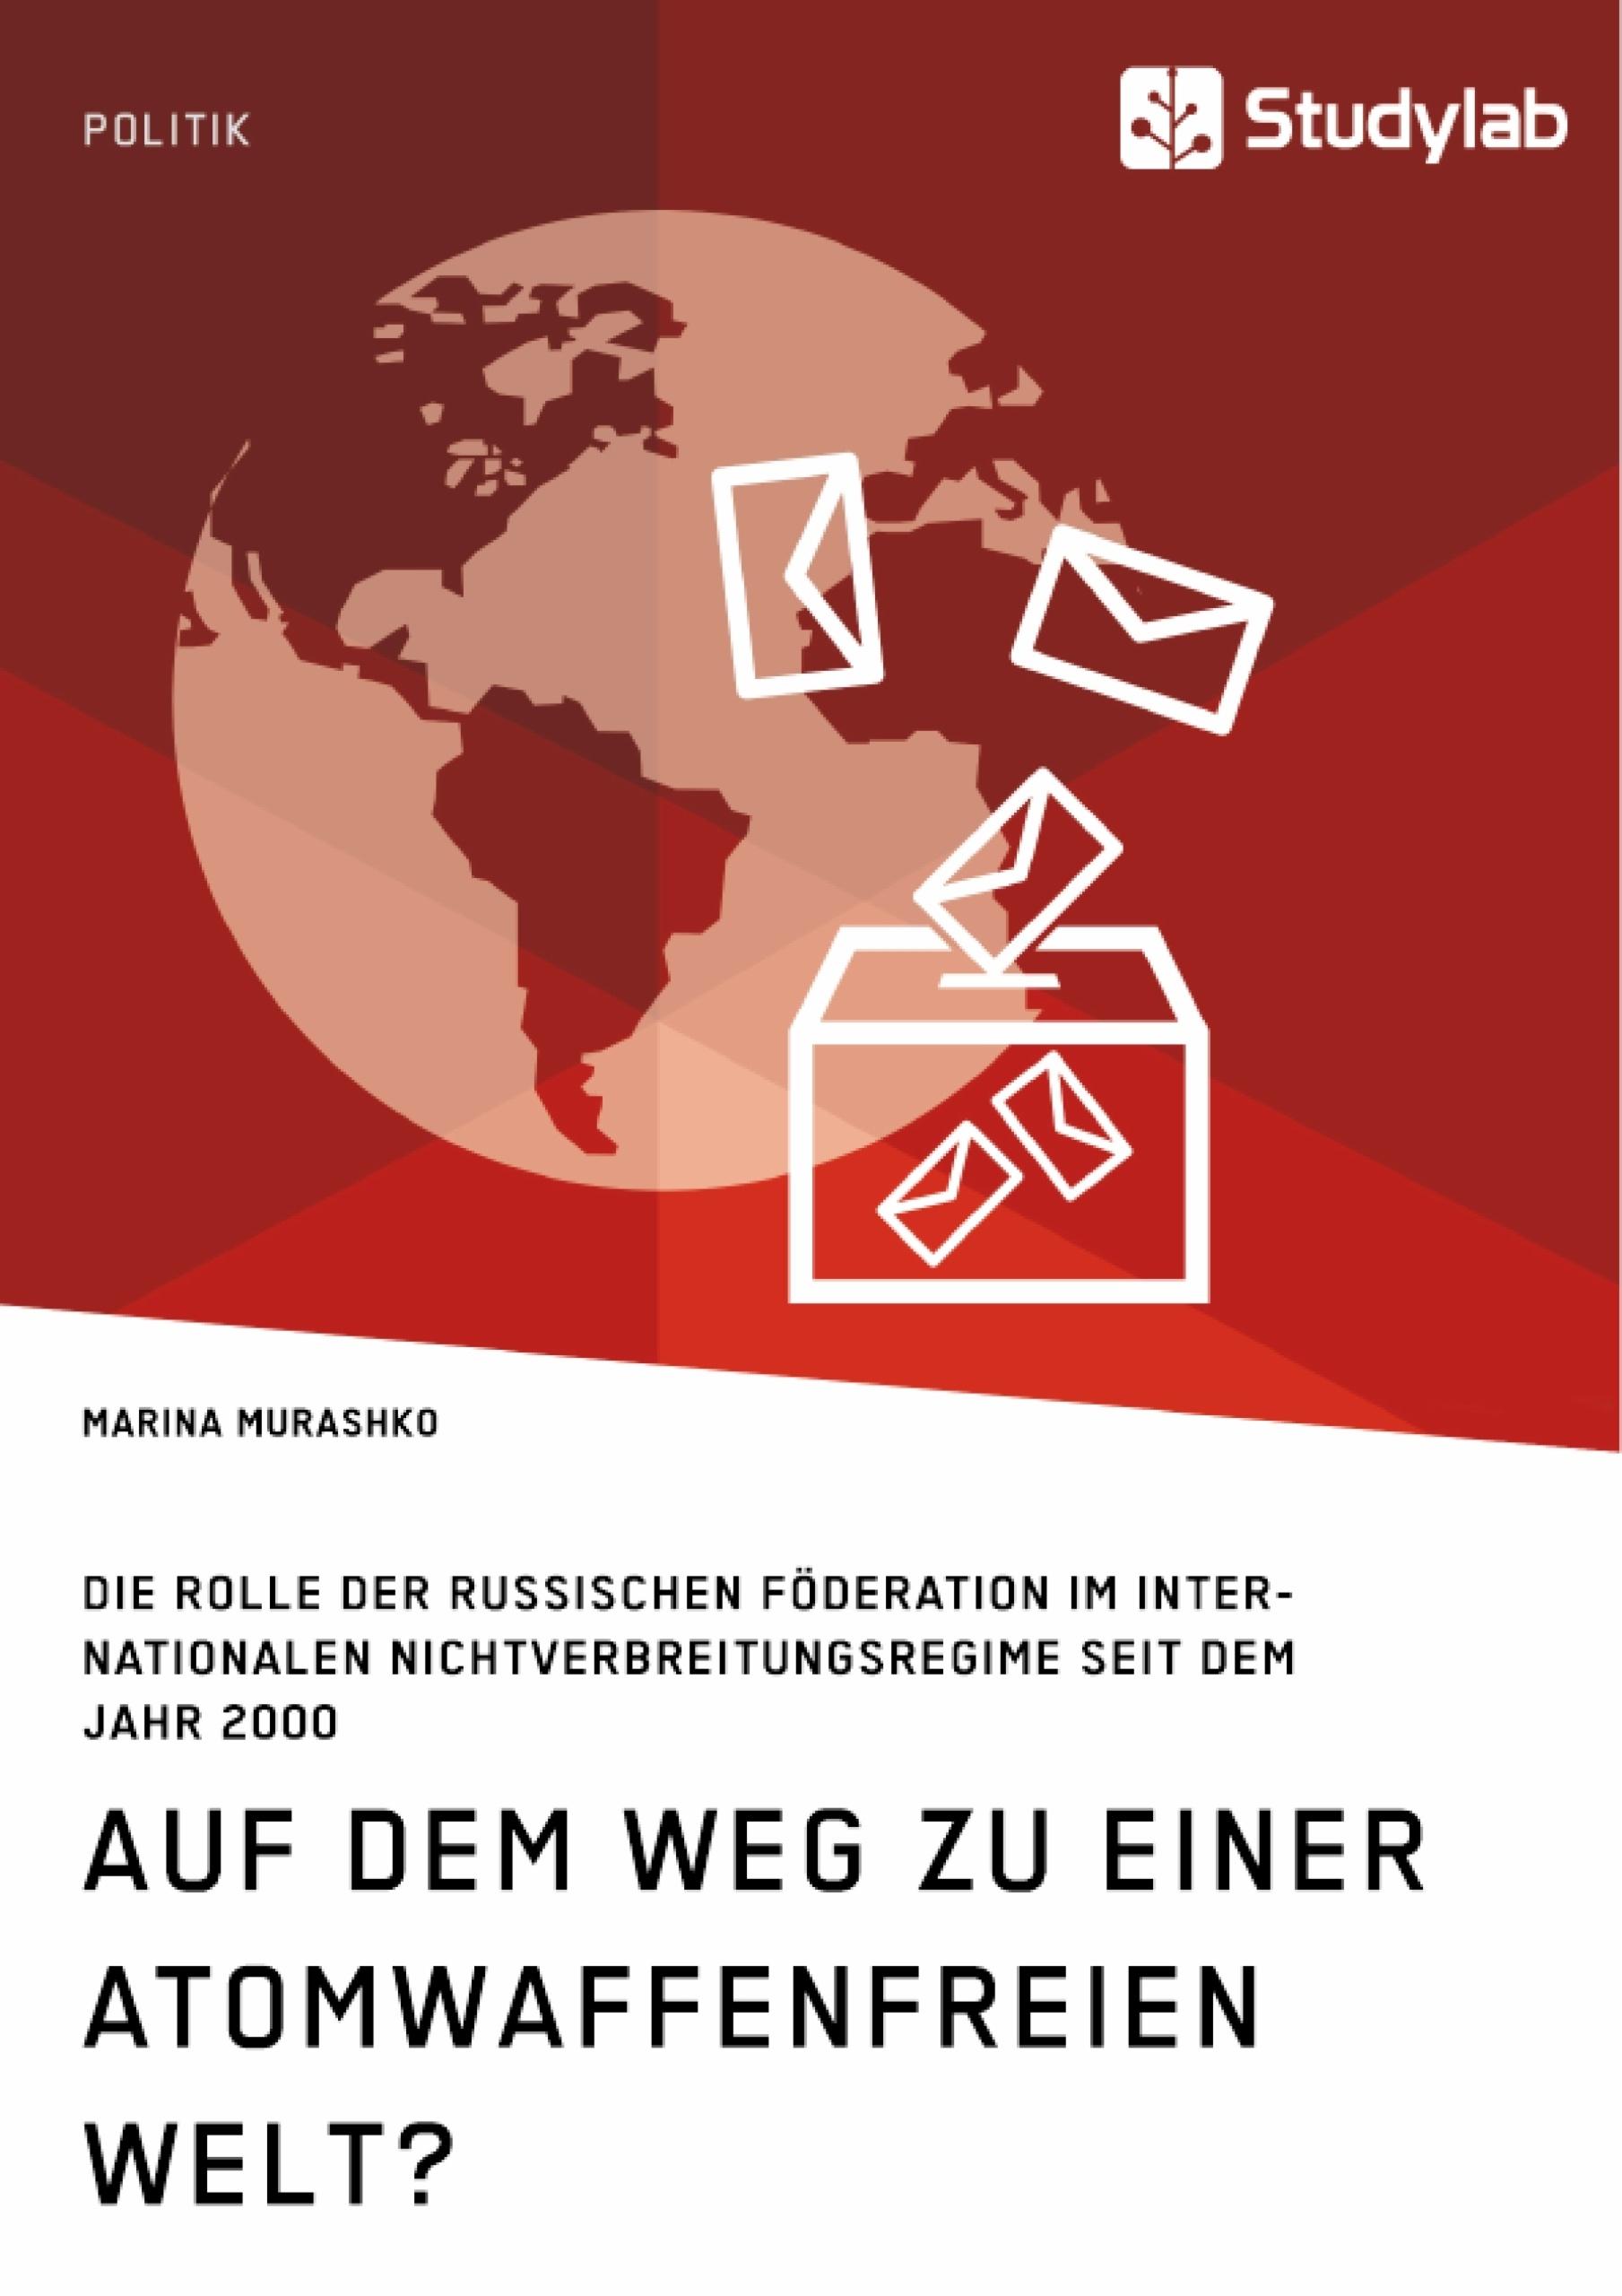 Titel: Auf dem Weg zu einer atomwaffenfreien Welt?